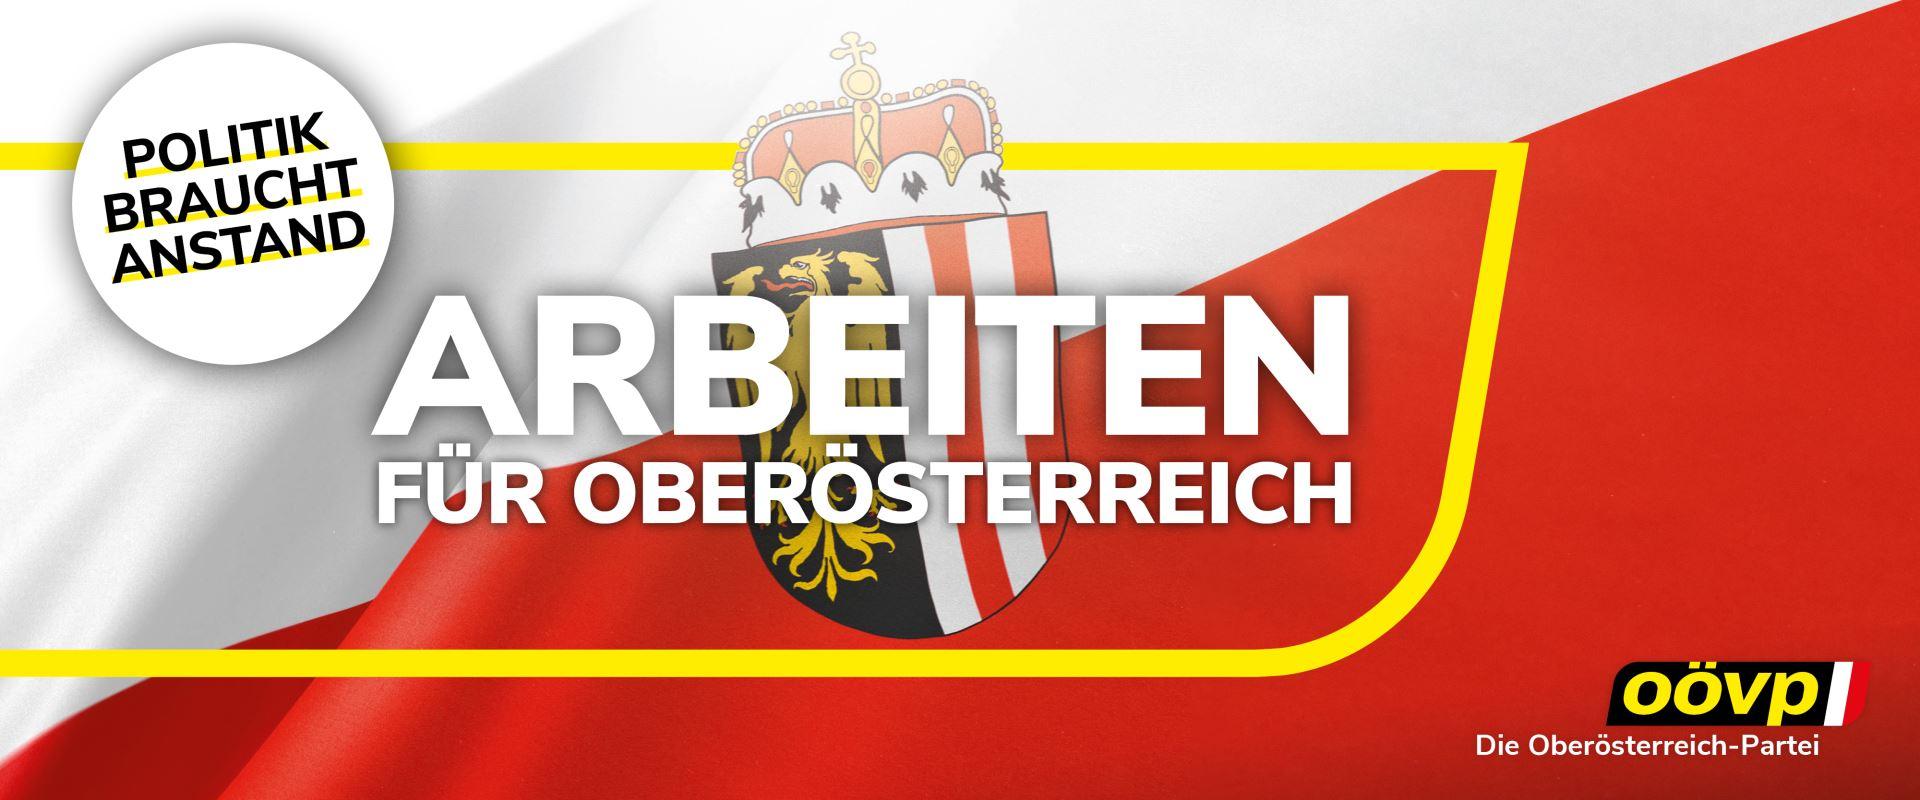 Arbeiten für Oberösterreich - ÖVP Krenglbach